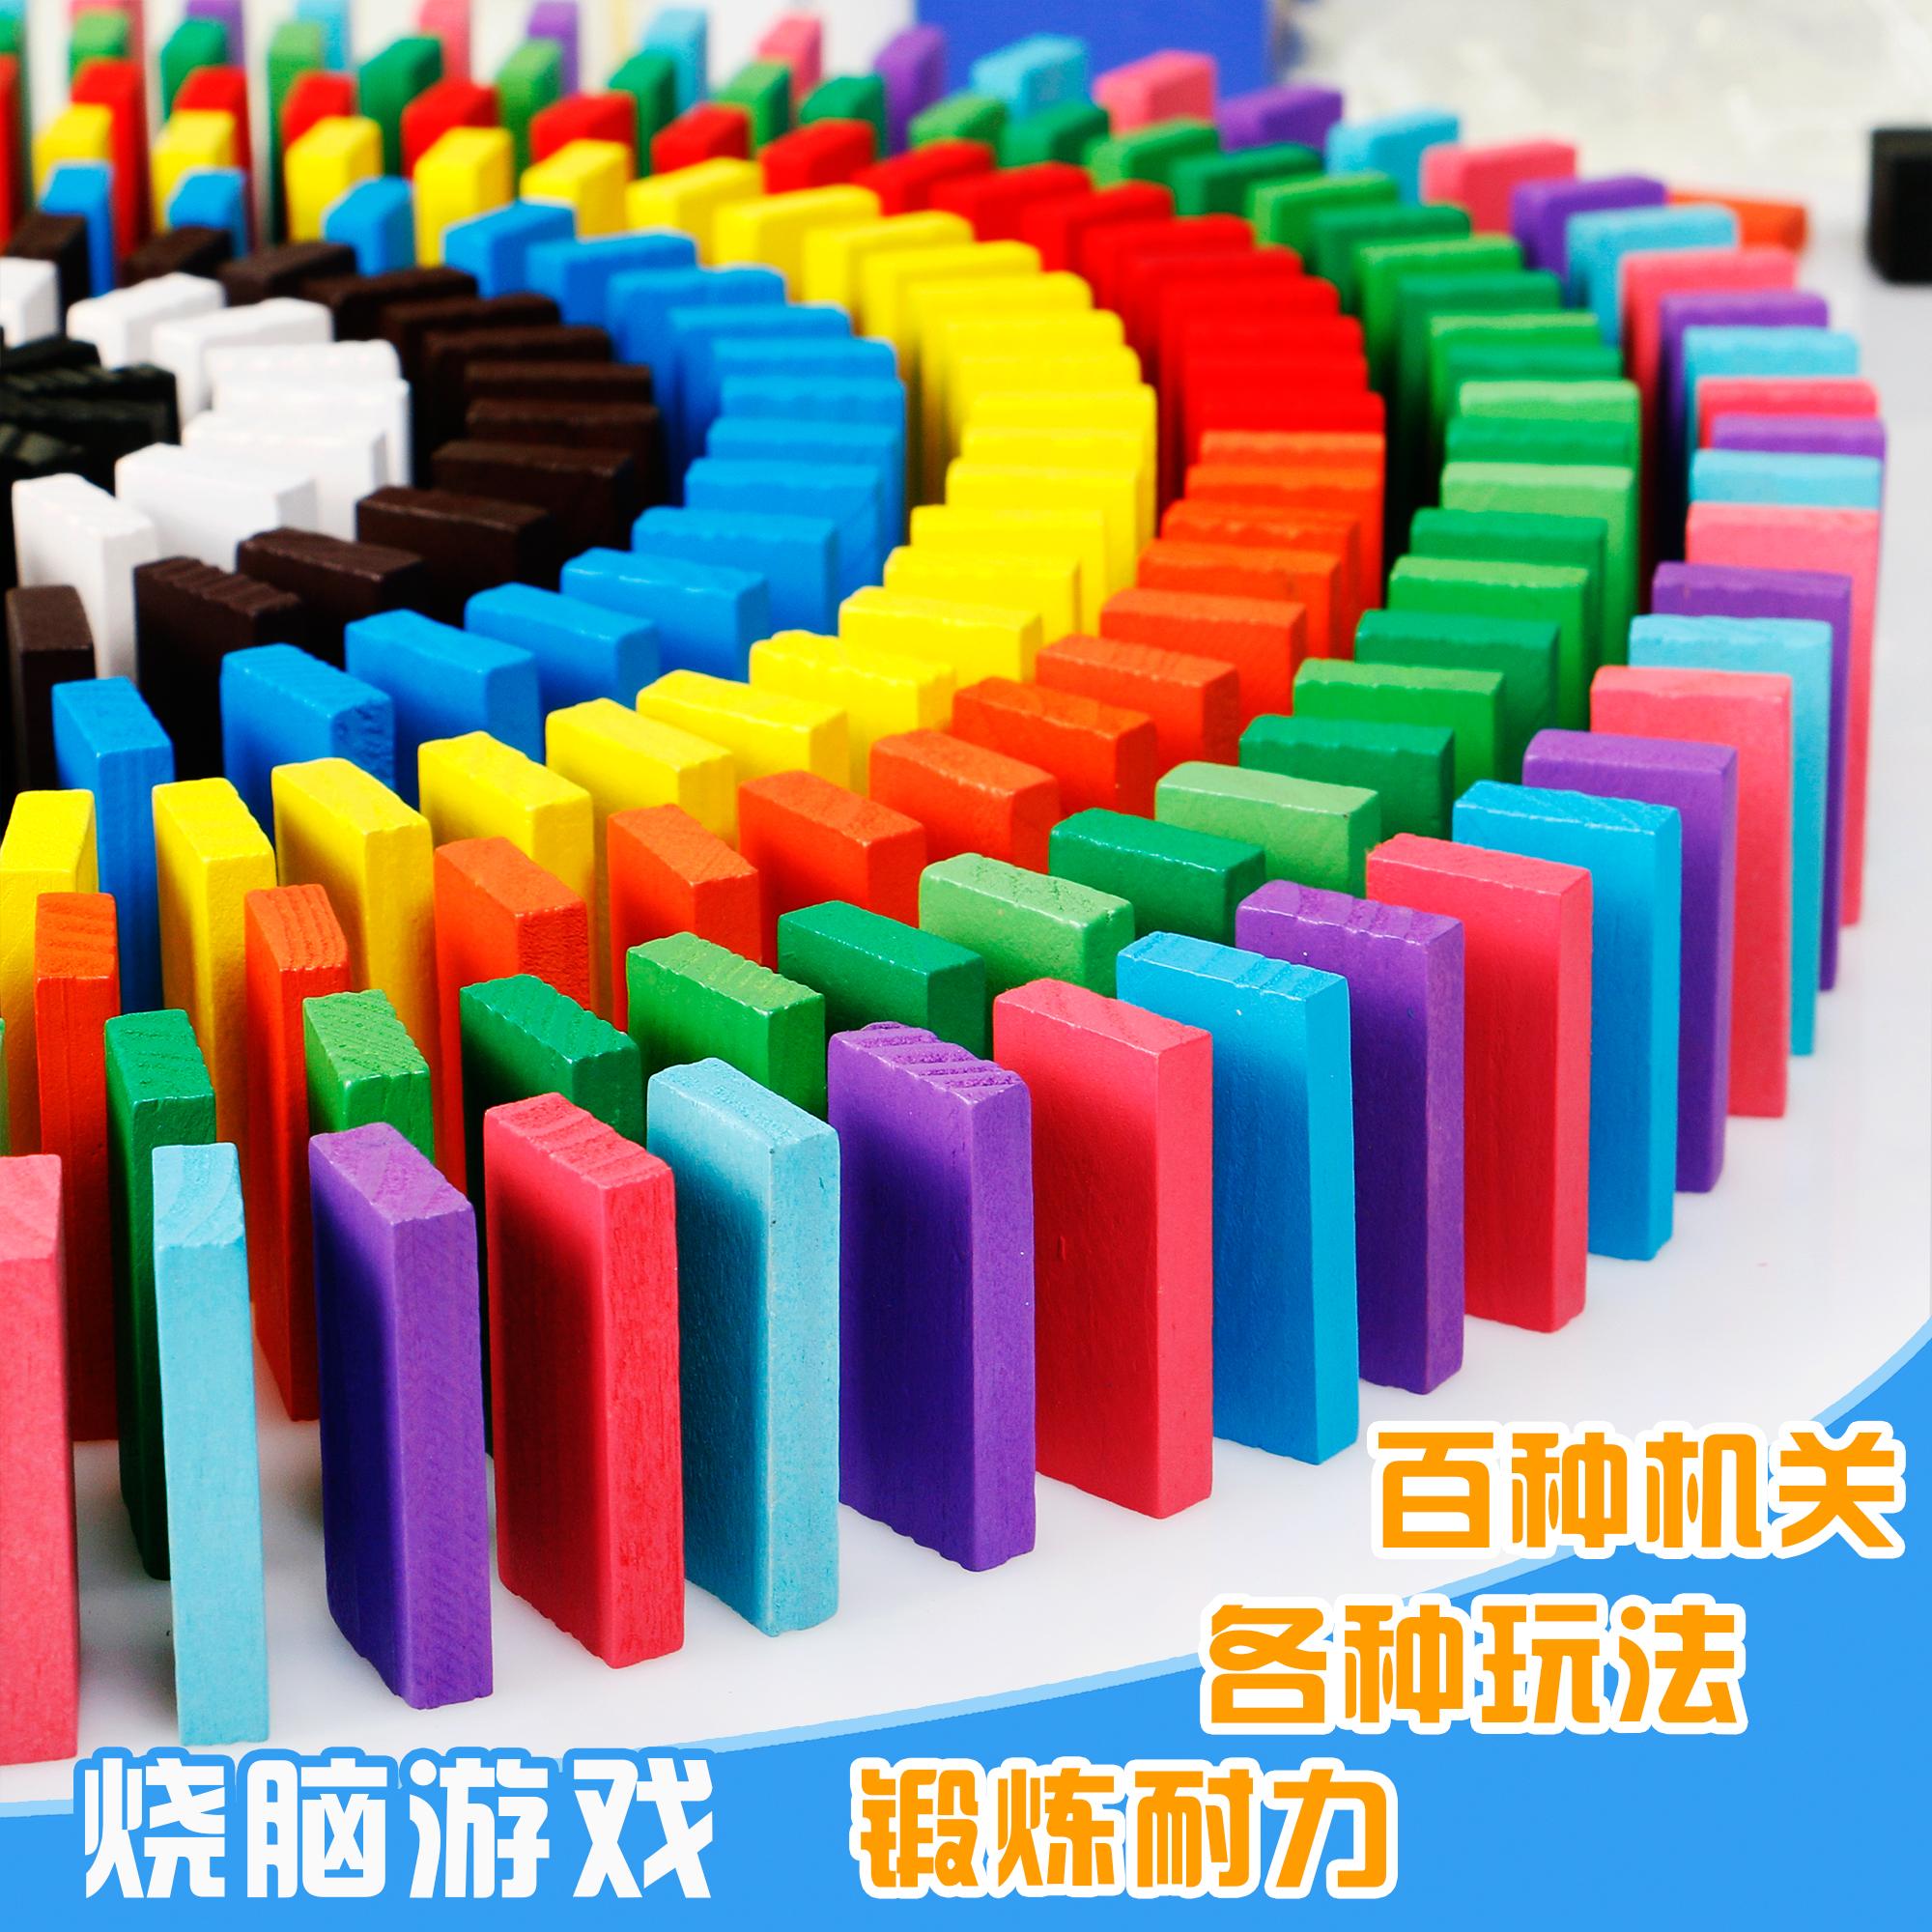 多米诺骨牌机关儿童益智积木成人比赛专用智力木制机关烧脑玩具